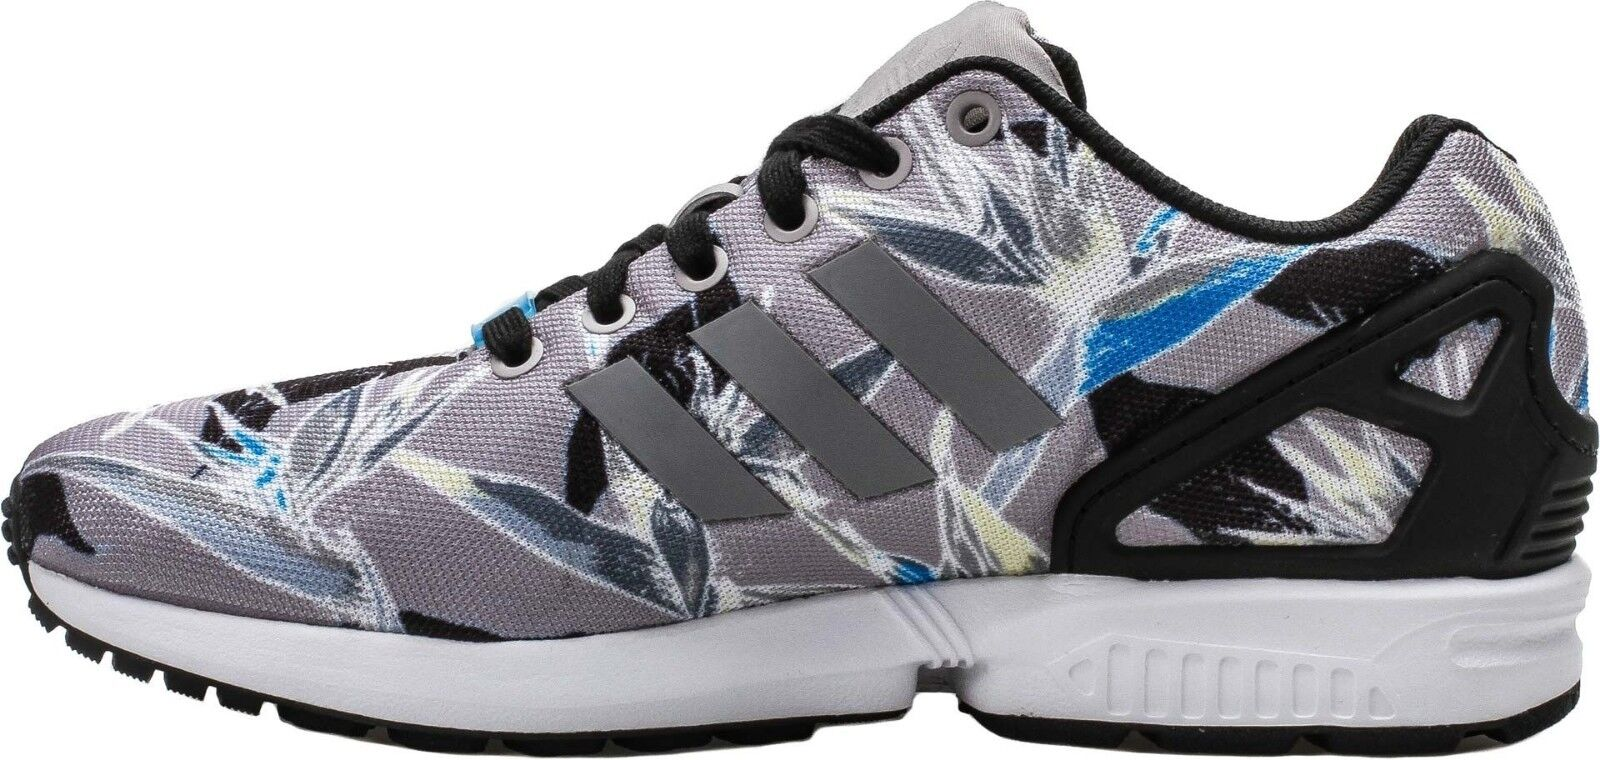 Adidas originale uomini scarpe scarpe scarpe nuove autentico flusso zx luce onyx   bianco   b34519 floreale | unico  | Uomo/Donna Scarpa  c625e8